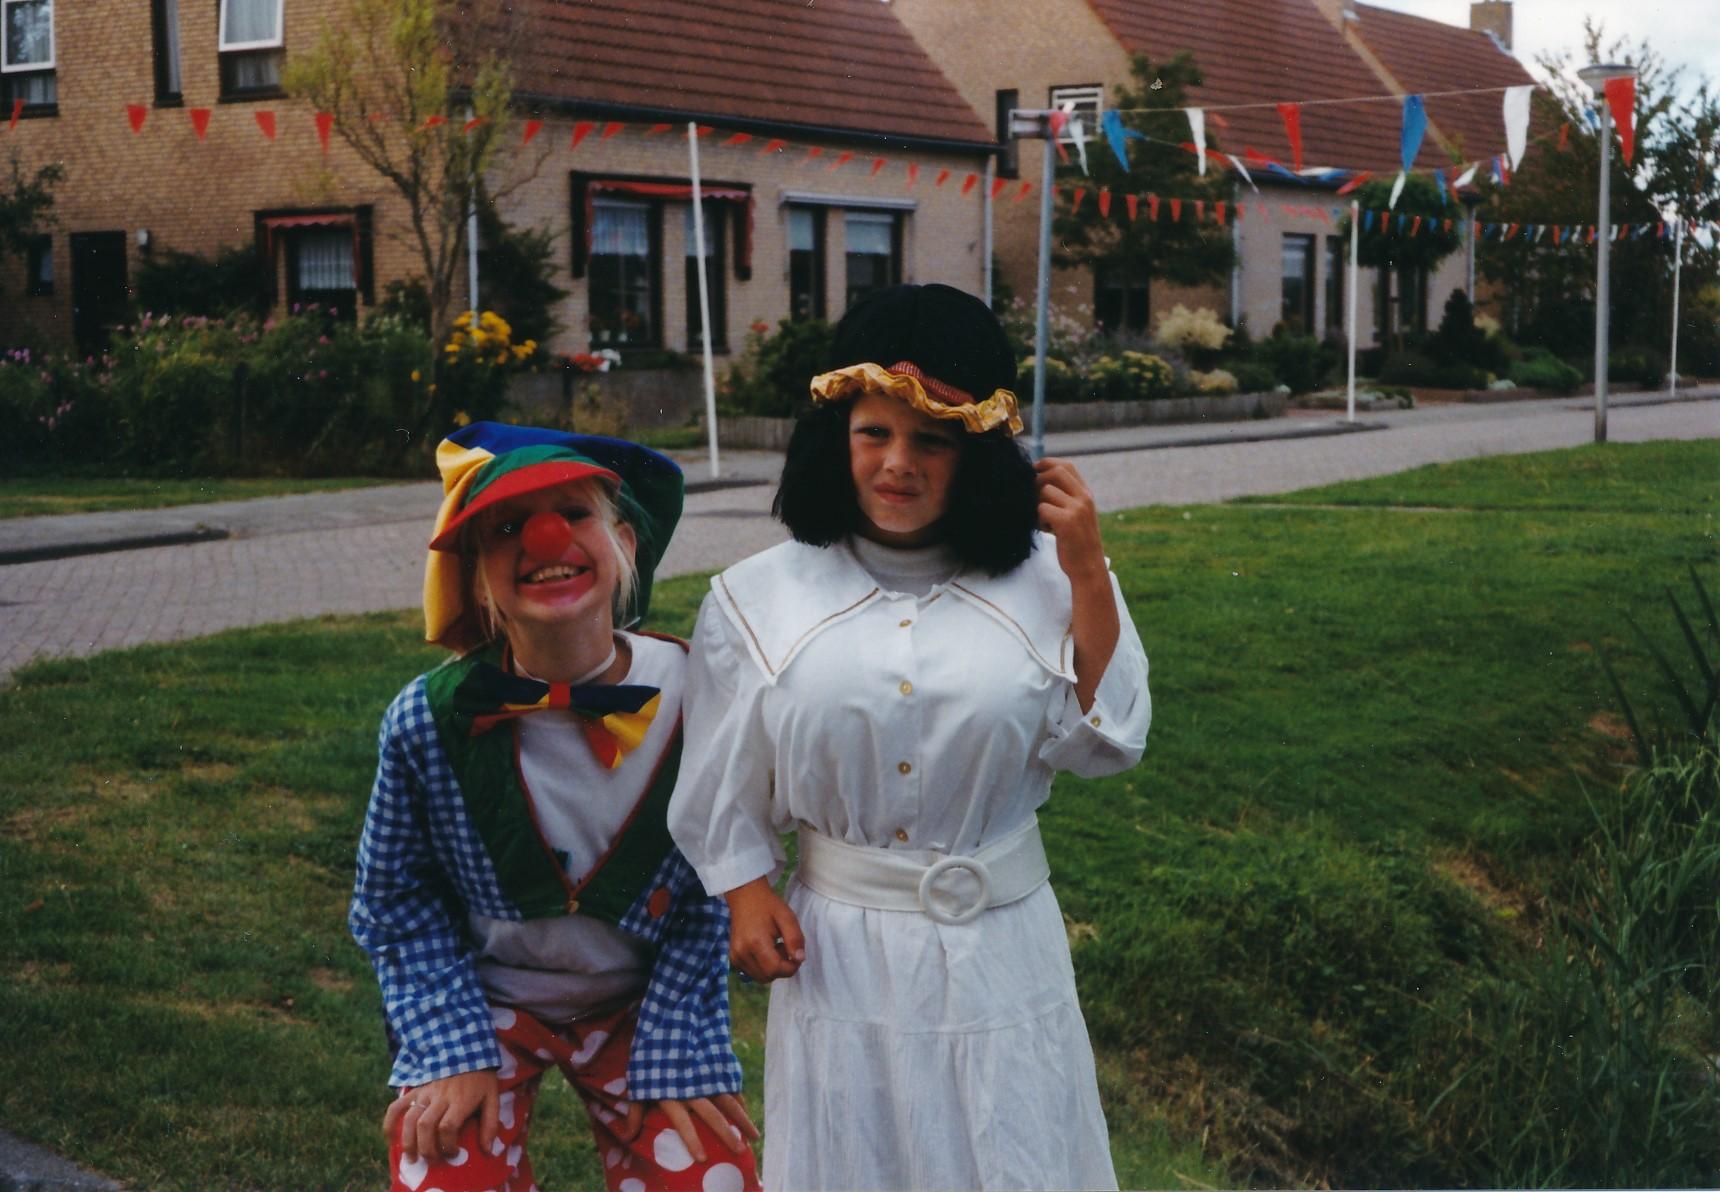 Fotoalbum Anneke Miedema, 005, Merke 1998, augustus